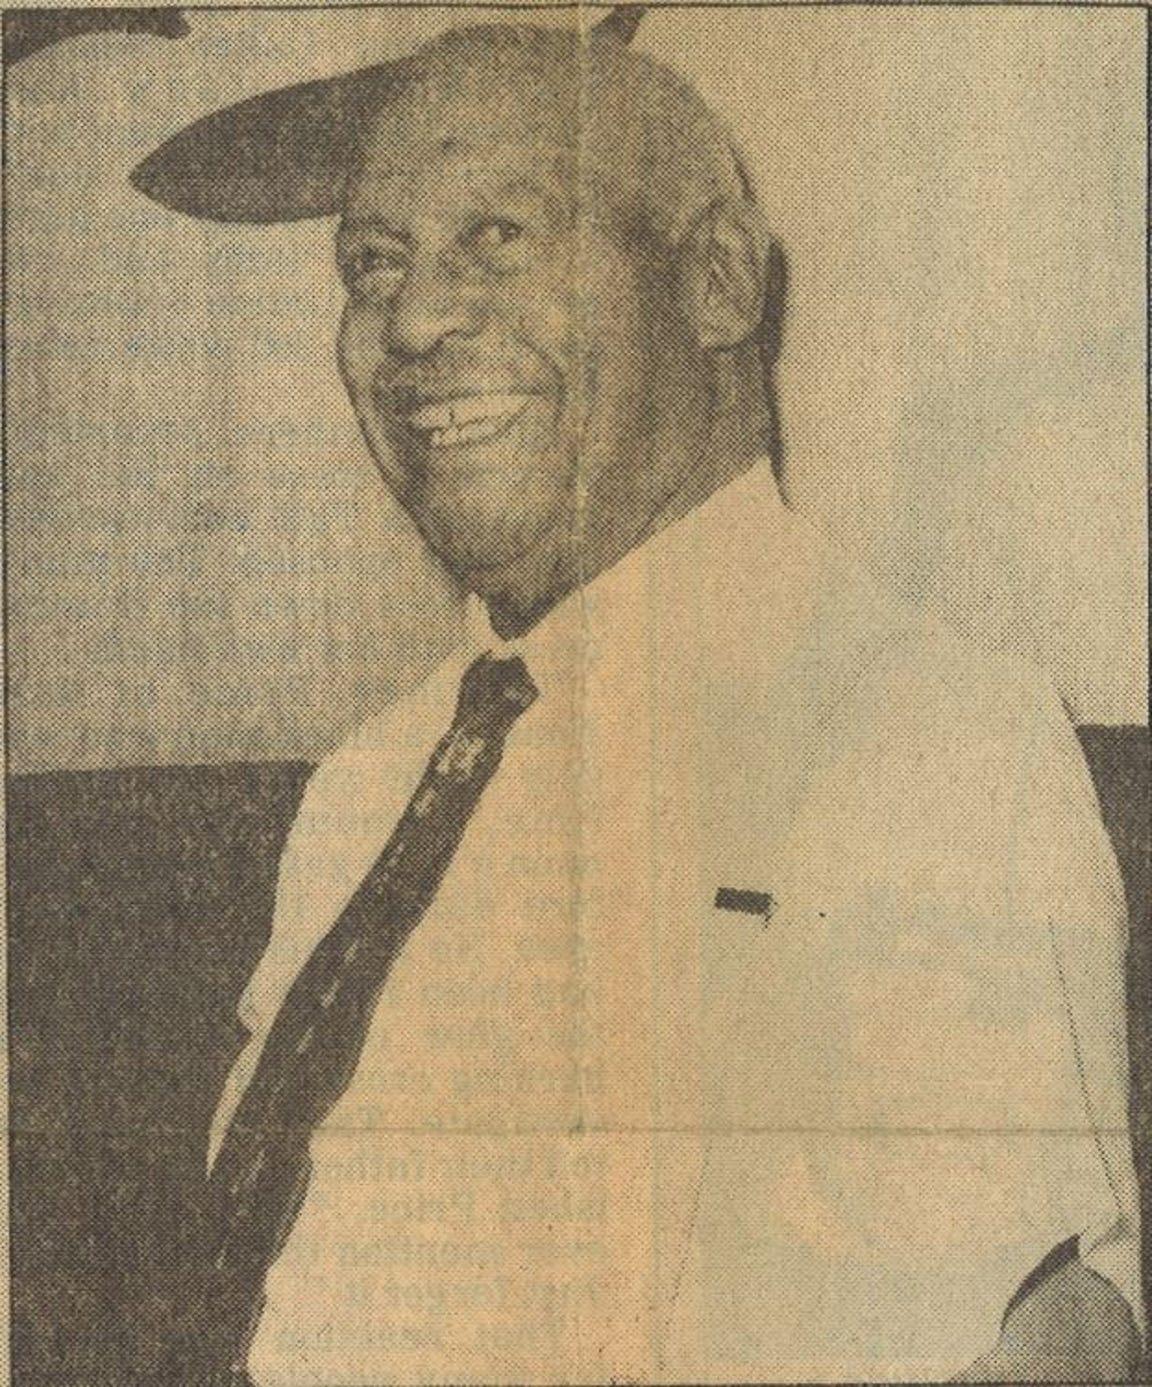 Dr. H. Boyd Hall